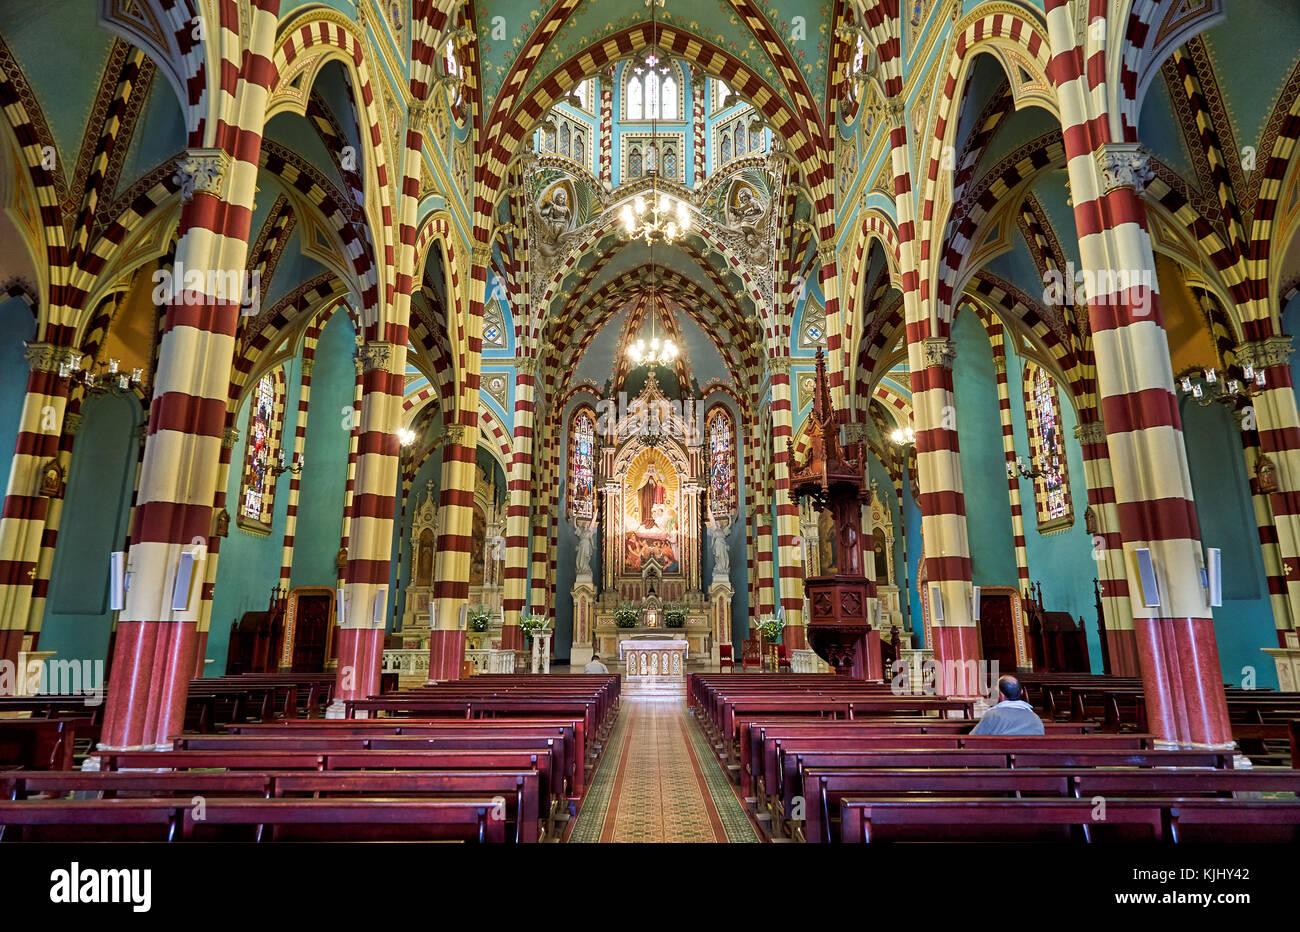 Colpo interiore della chiesa santuario Nuestra Señora del Carmen, Bogotà, Colombia, Sud America Immagini Stock